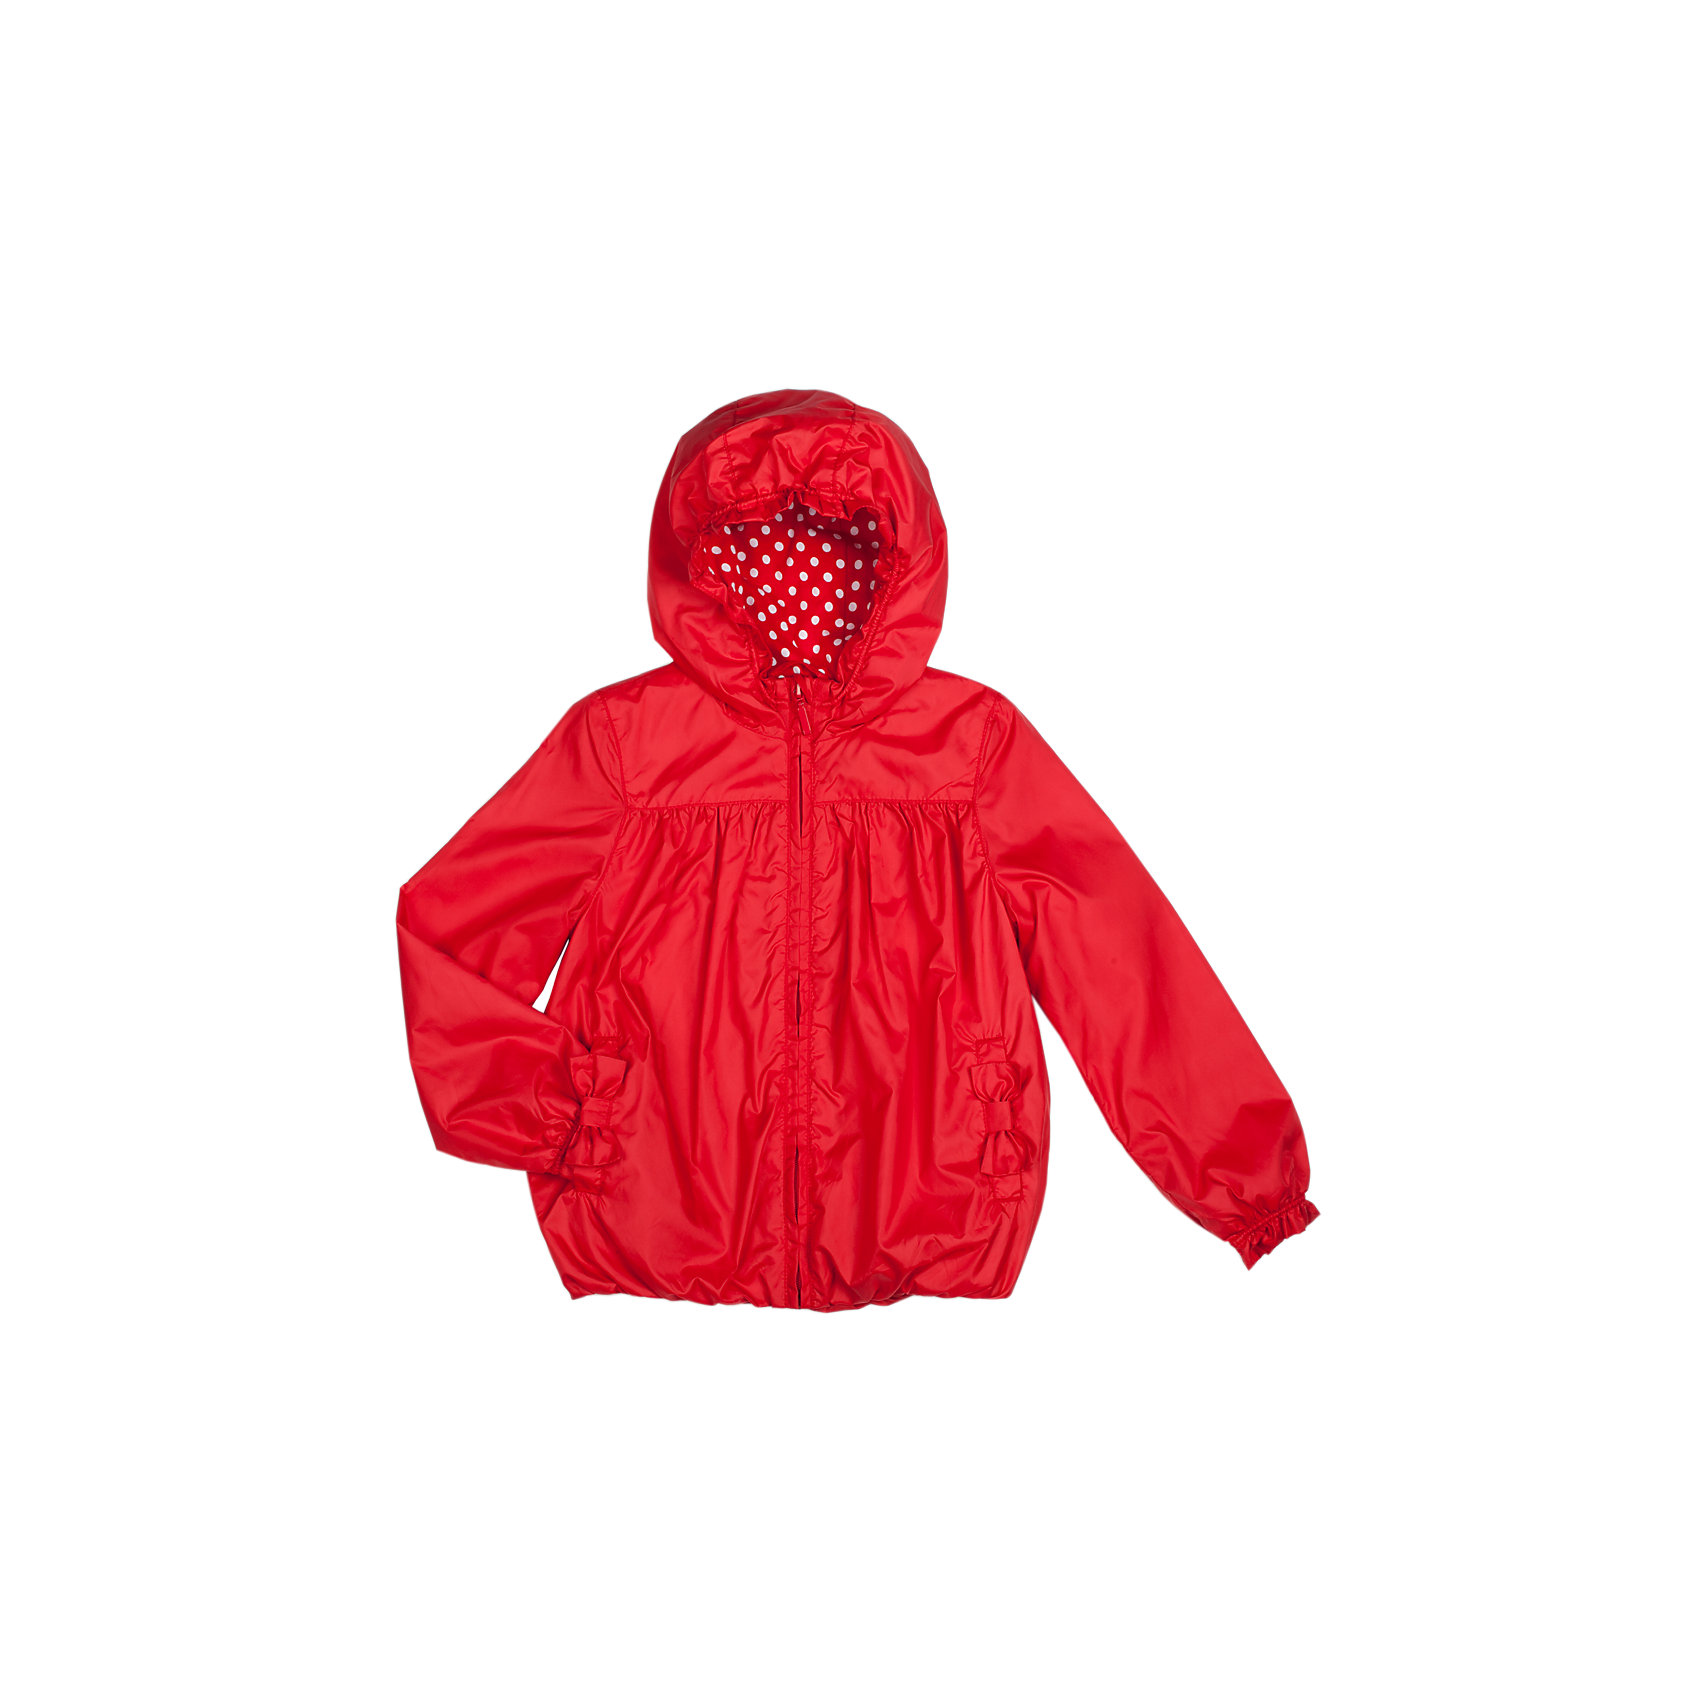 Ветровка для девочки Button BlueЯркая ветровка для девочки с орнаментальной подкладкой в горошек из мягкой хлопковой ткани, защитит от дождя, ветра и прохладной погоды. Входы в карманы отделаны декоративным бантиком. Комфортная, удобная и уютная ветровка идеально подойдет для прогулок и игр на свежем воздухе.<br>Состав:<br>тк. Верха: 100%полиэстер<br>подк:100%хлопок<br><br>Размеры данного бренда маломерят. Рекомендуется заказывать на размер больше.<br><br>Ширина мм: 356<br>Глубина мм: 10<br>Высота мм: 245<br>Вес г: 519<br>Цвет: красный<br>Возраст от месяцев: 24<br>Возраст до месяцев: 36<br>Пол: Женский<br>Возраст: Детский<br>Размер: 98,122,110,116,104<br>SKU: 3979472